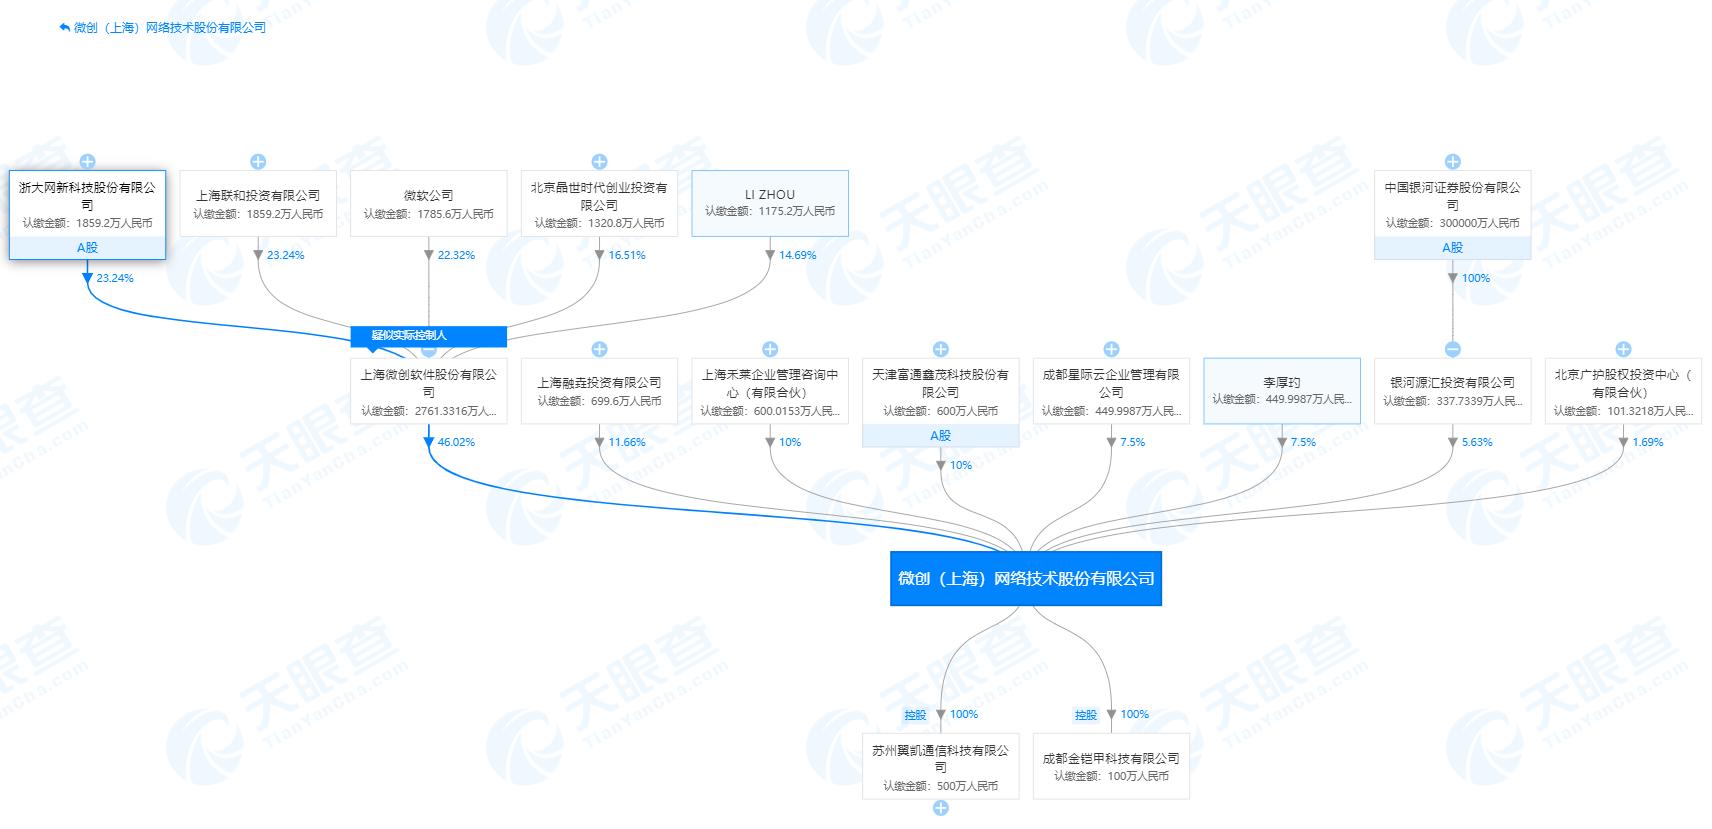 卡卡湾公司网站 - 青大附院完成肾移植手术1000例 手术数量位居山东省首位